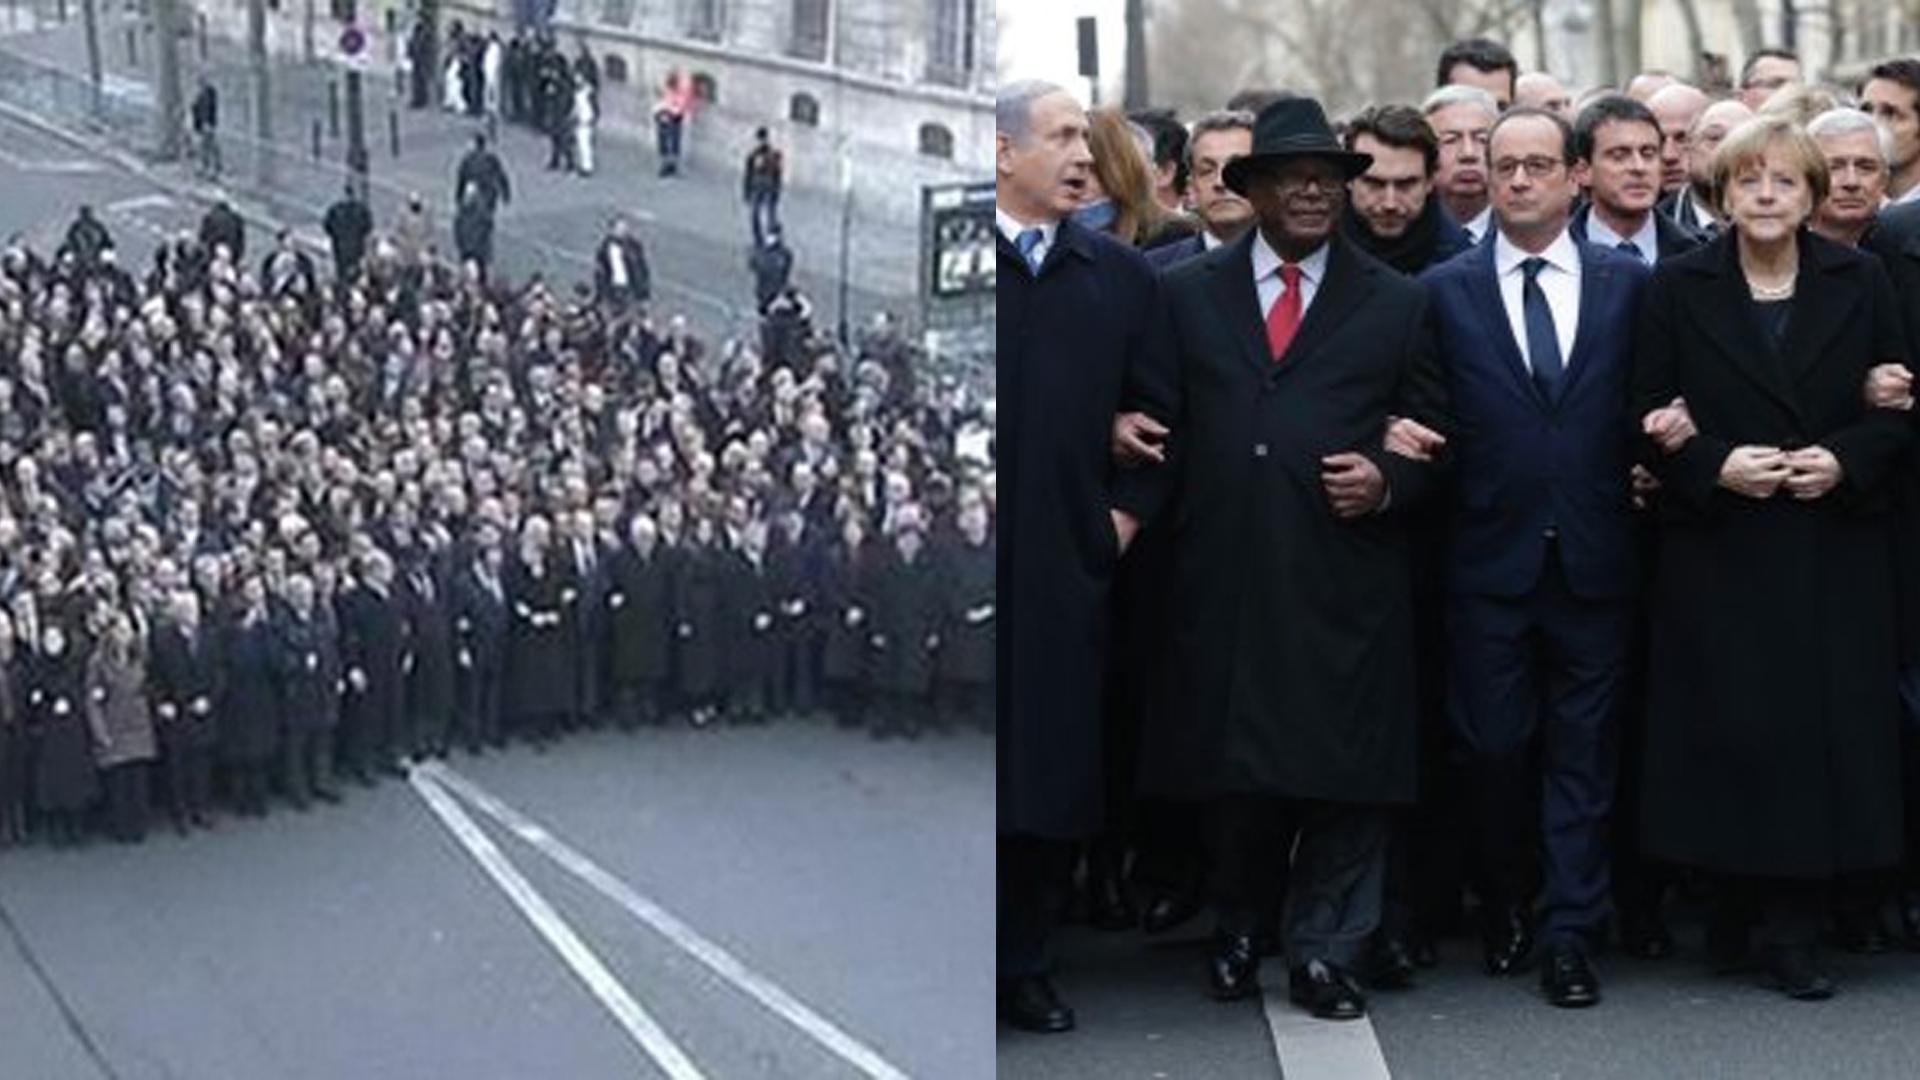 Staatschefs trauern in Paris mit einem Trauermarsch.